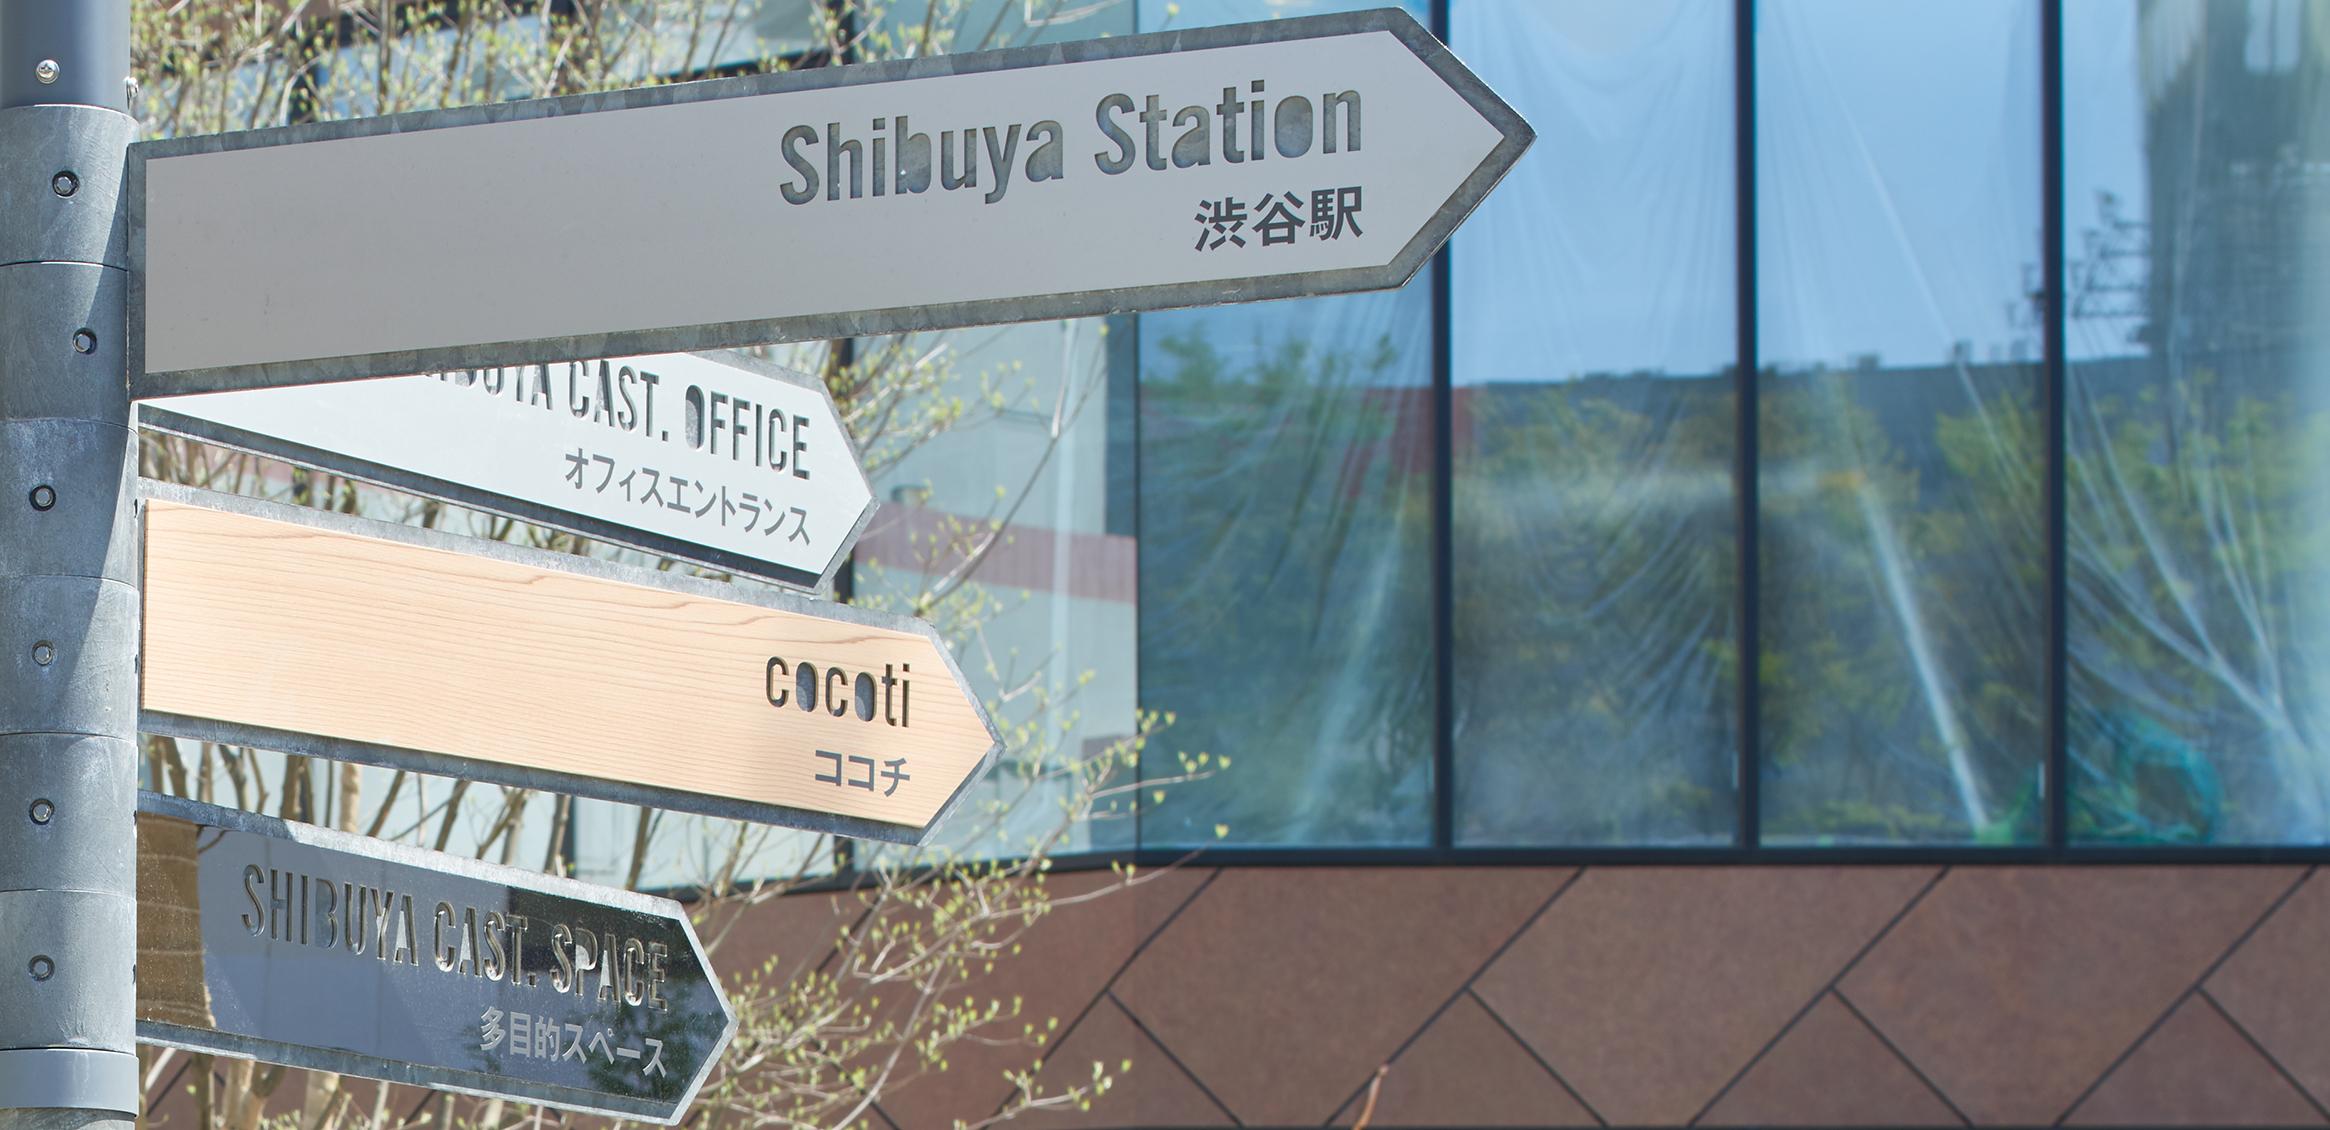 SHIBUYA CAST サイン計画4枚目